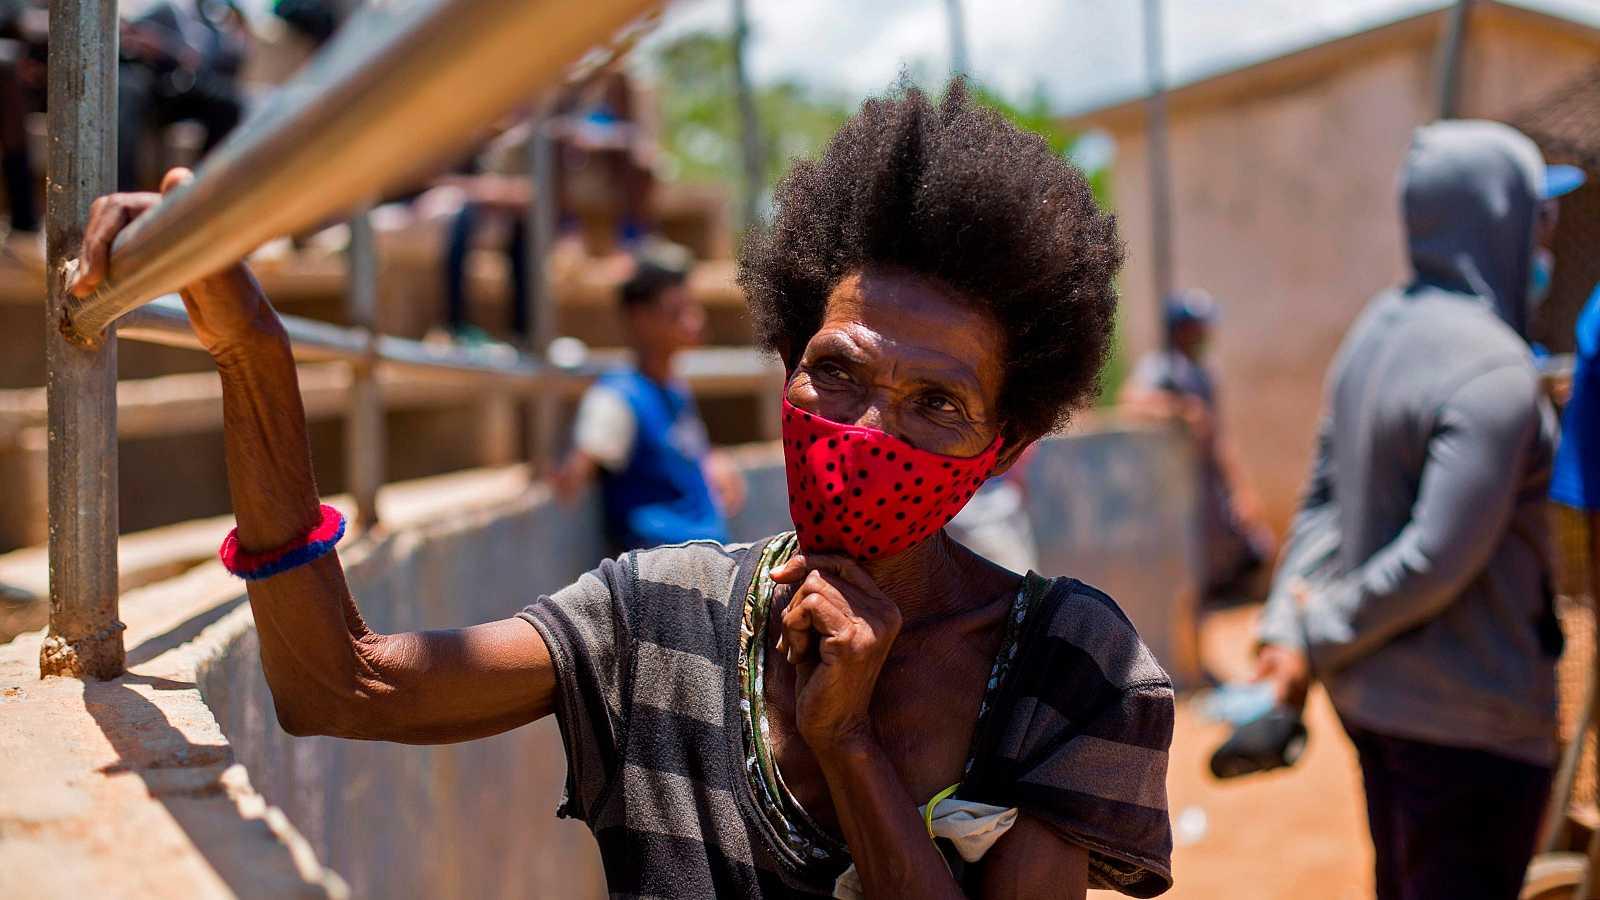 Una mujer usa mascarillas contra la propagación del coronavirus mientras asiste a un partido de béisbol en Boca Chica, República Dominicana